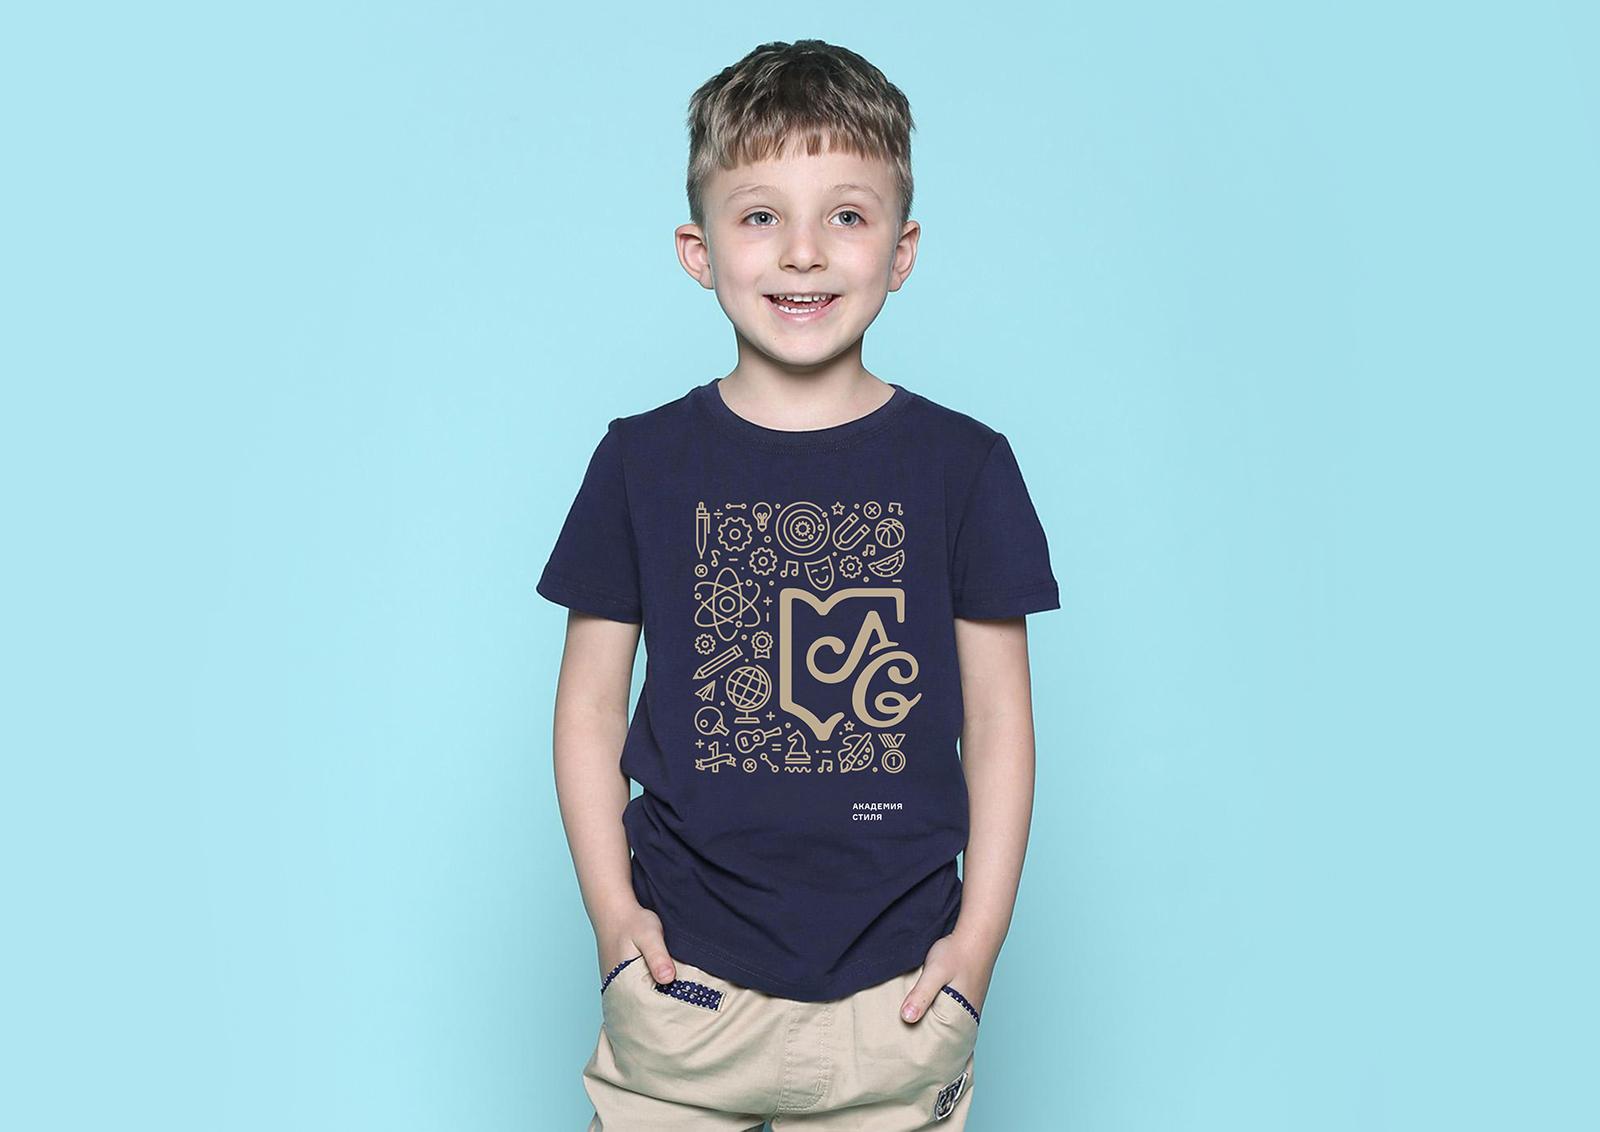 дизайн логотипа, одежда для школы Академия стиля